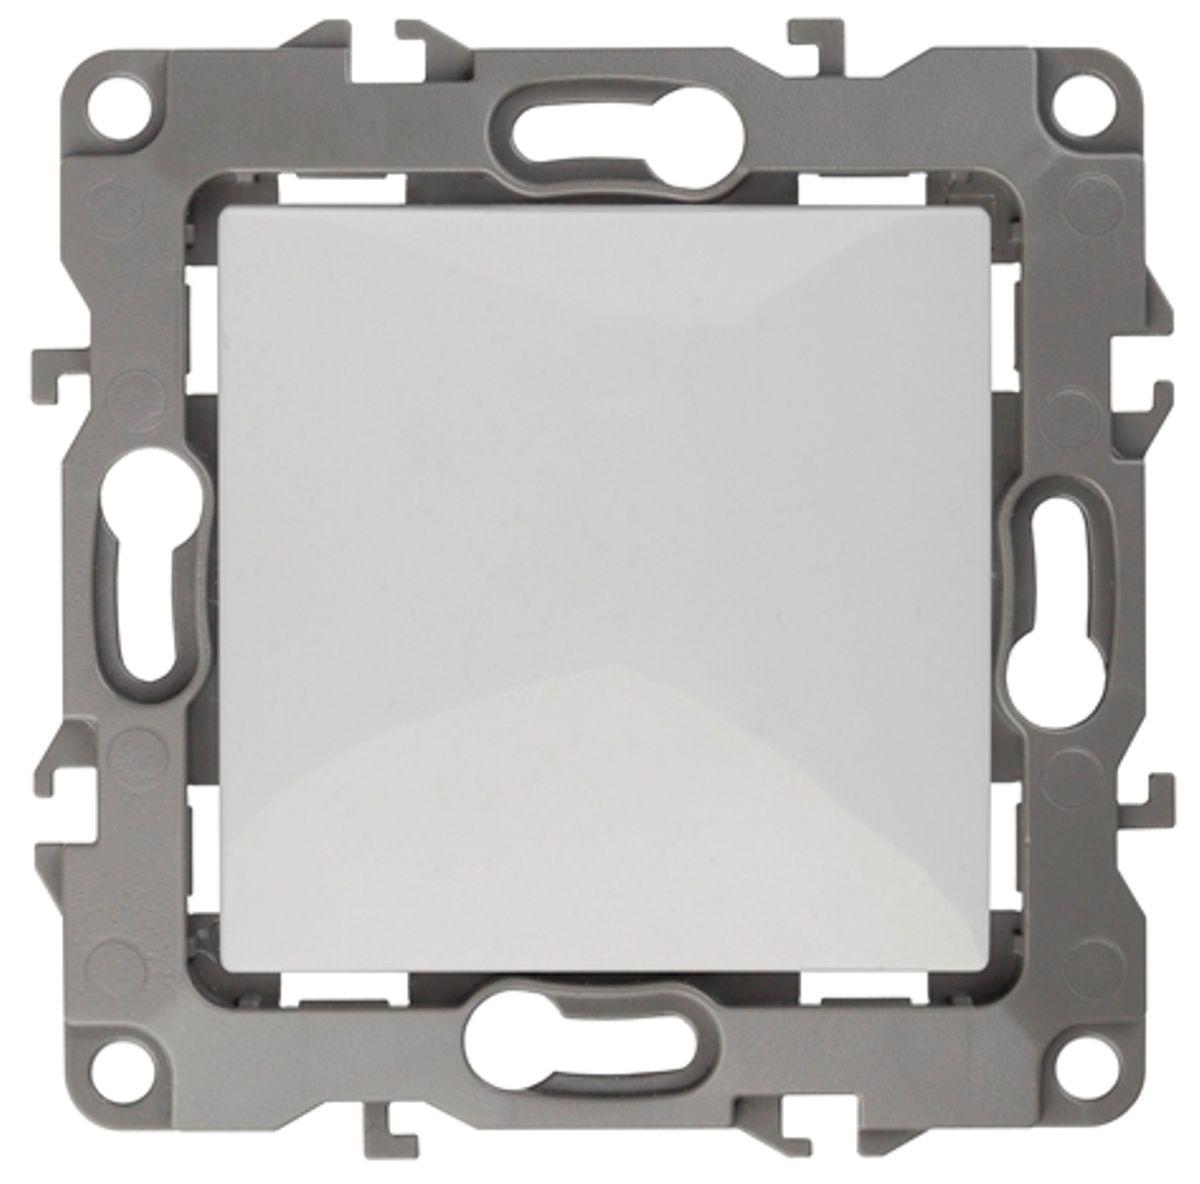 Выключатель ЭРА, цвет: белый, серый. 12-100112-1001-01Выключатель ЭРА выполнен из прочного пластика, контакты бронзовые. Изделие просто в установке, надежно в эксплуатации. Выключатель имеет специальные фиксаторы, которые не дают ему смещаться как при монтаже, так и в процессе эксплуатации. Автоматические зажимы кабеля обеспечивают быстрый и надежный монтаж изделия к электросети без отвертки и не требуют обслуживания в отличие от винтовых зажимов. УВАЖАЕМЫЕ КЛИЕНТЫ! Обращаем ваше внимание на тот факт, что монтажные лапки в комплект не входят.